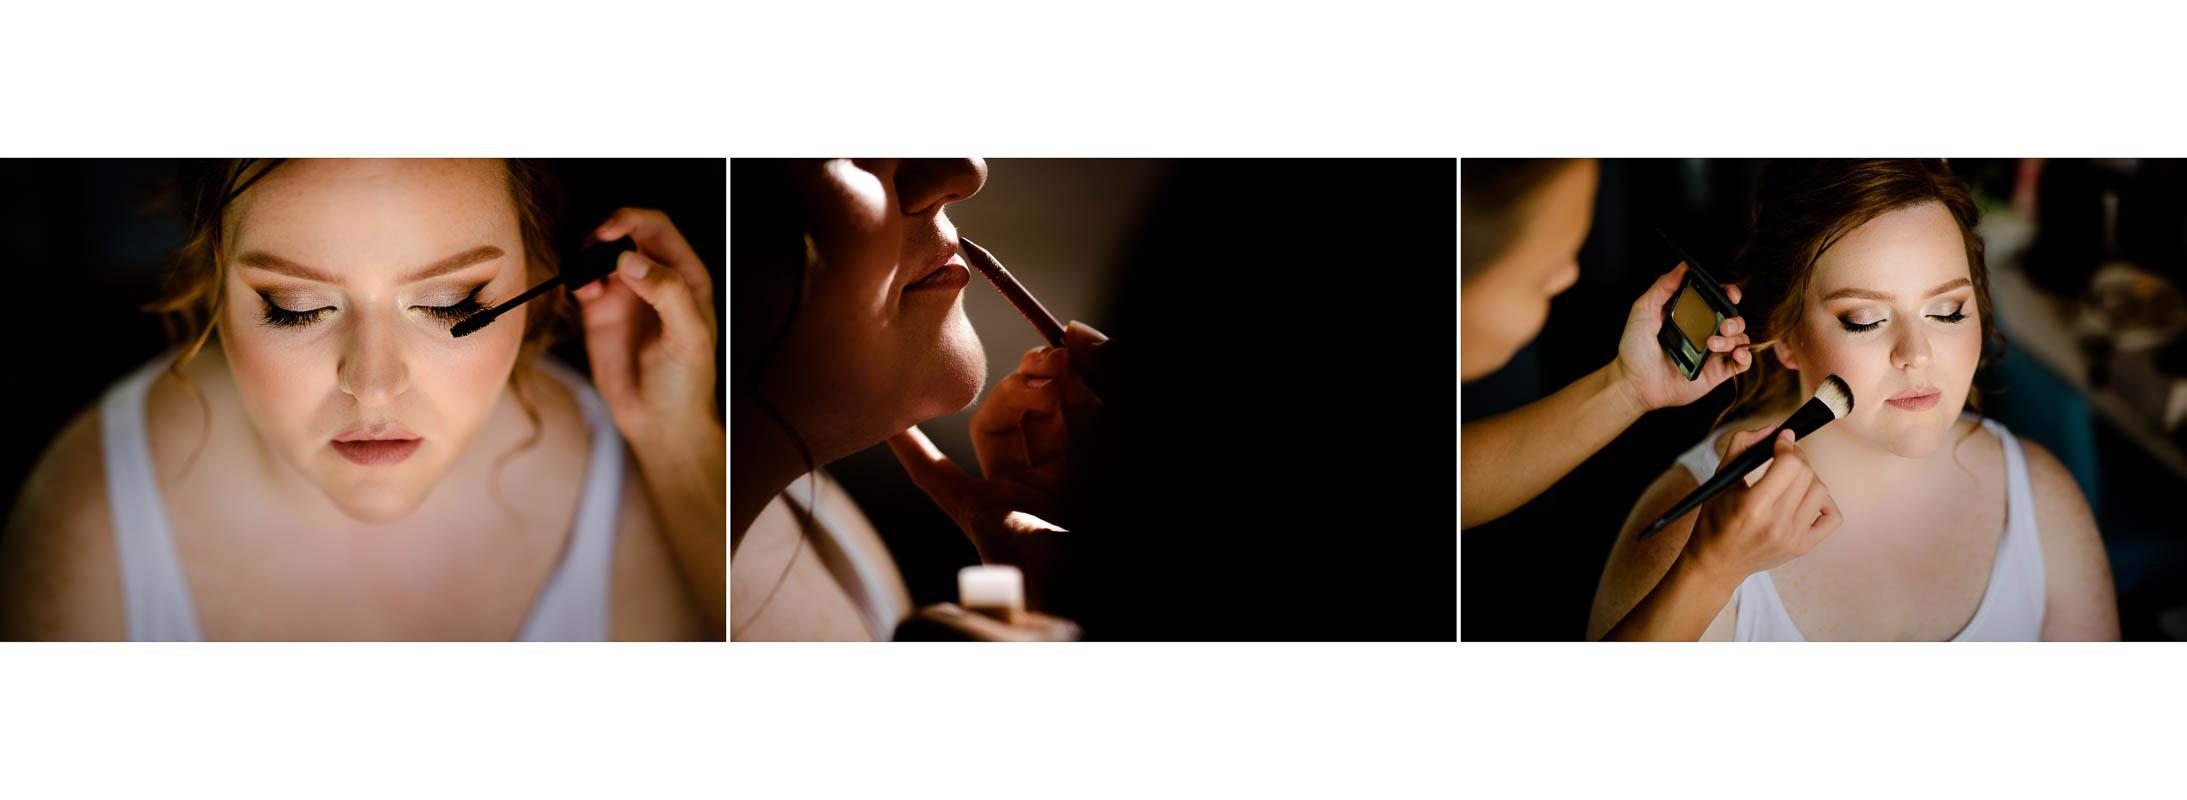 003_svatebni_album_photo_nejedli